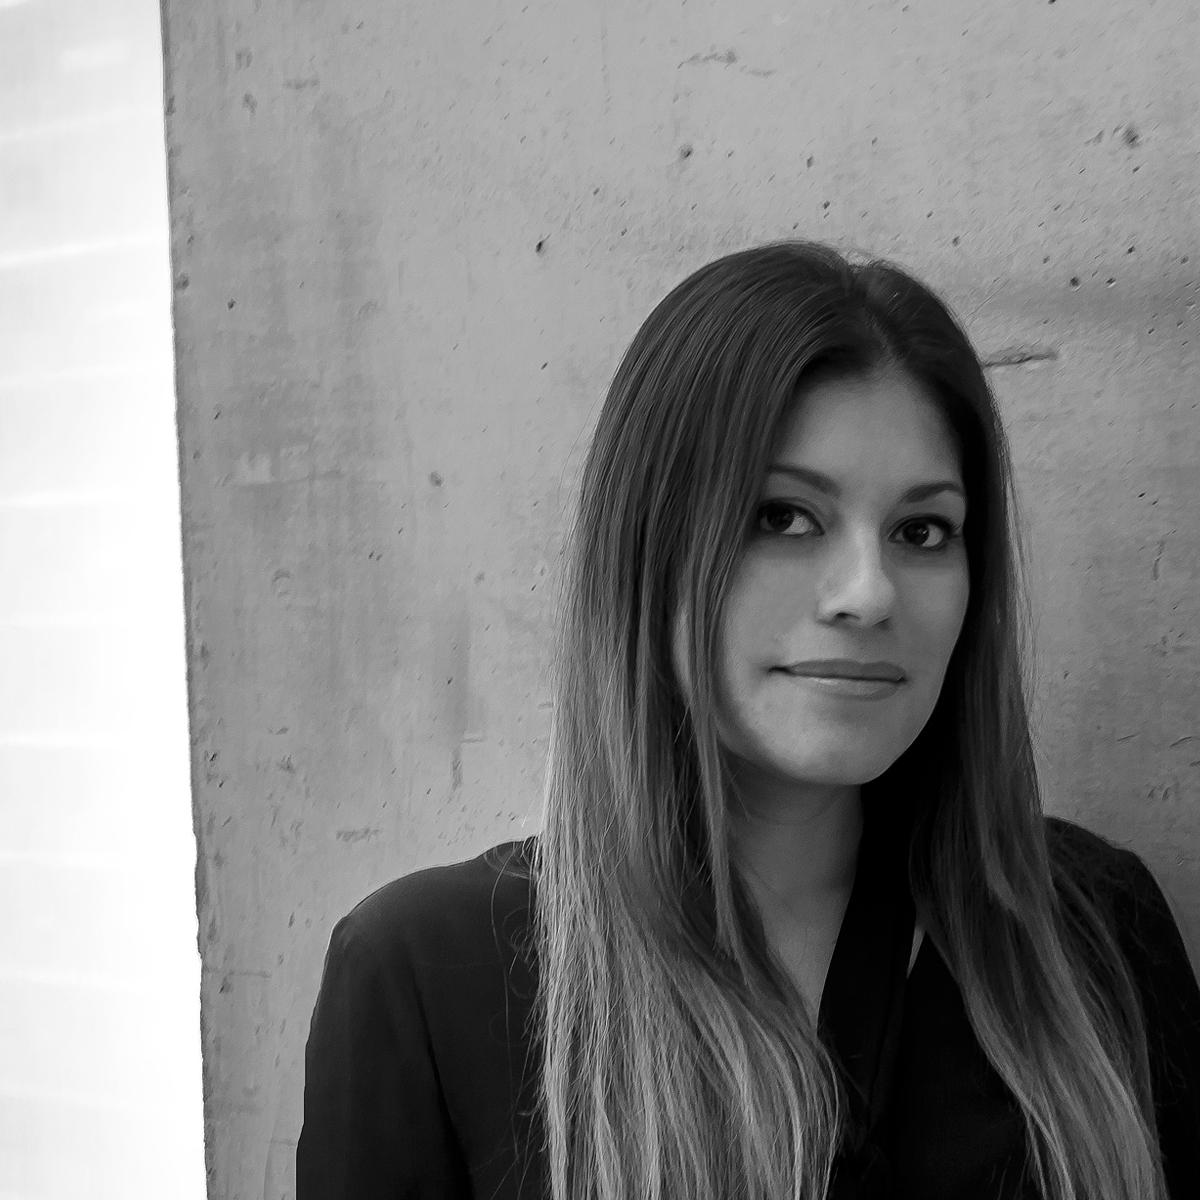 <b>Melina Brito</b>#Office Manager#melina@radyca.com